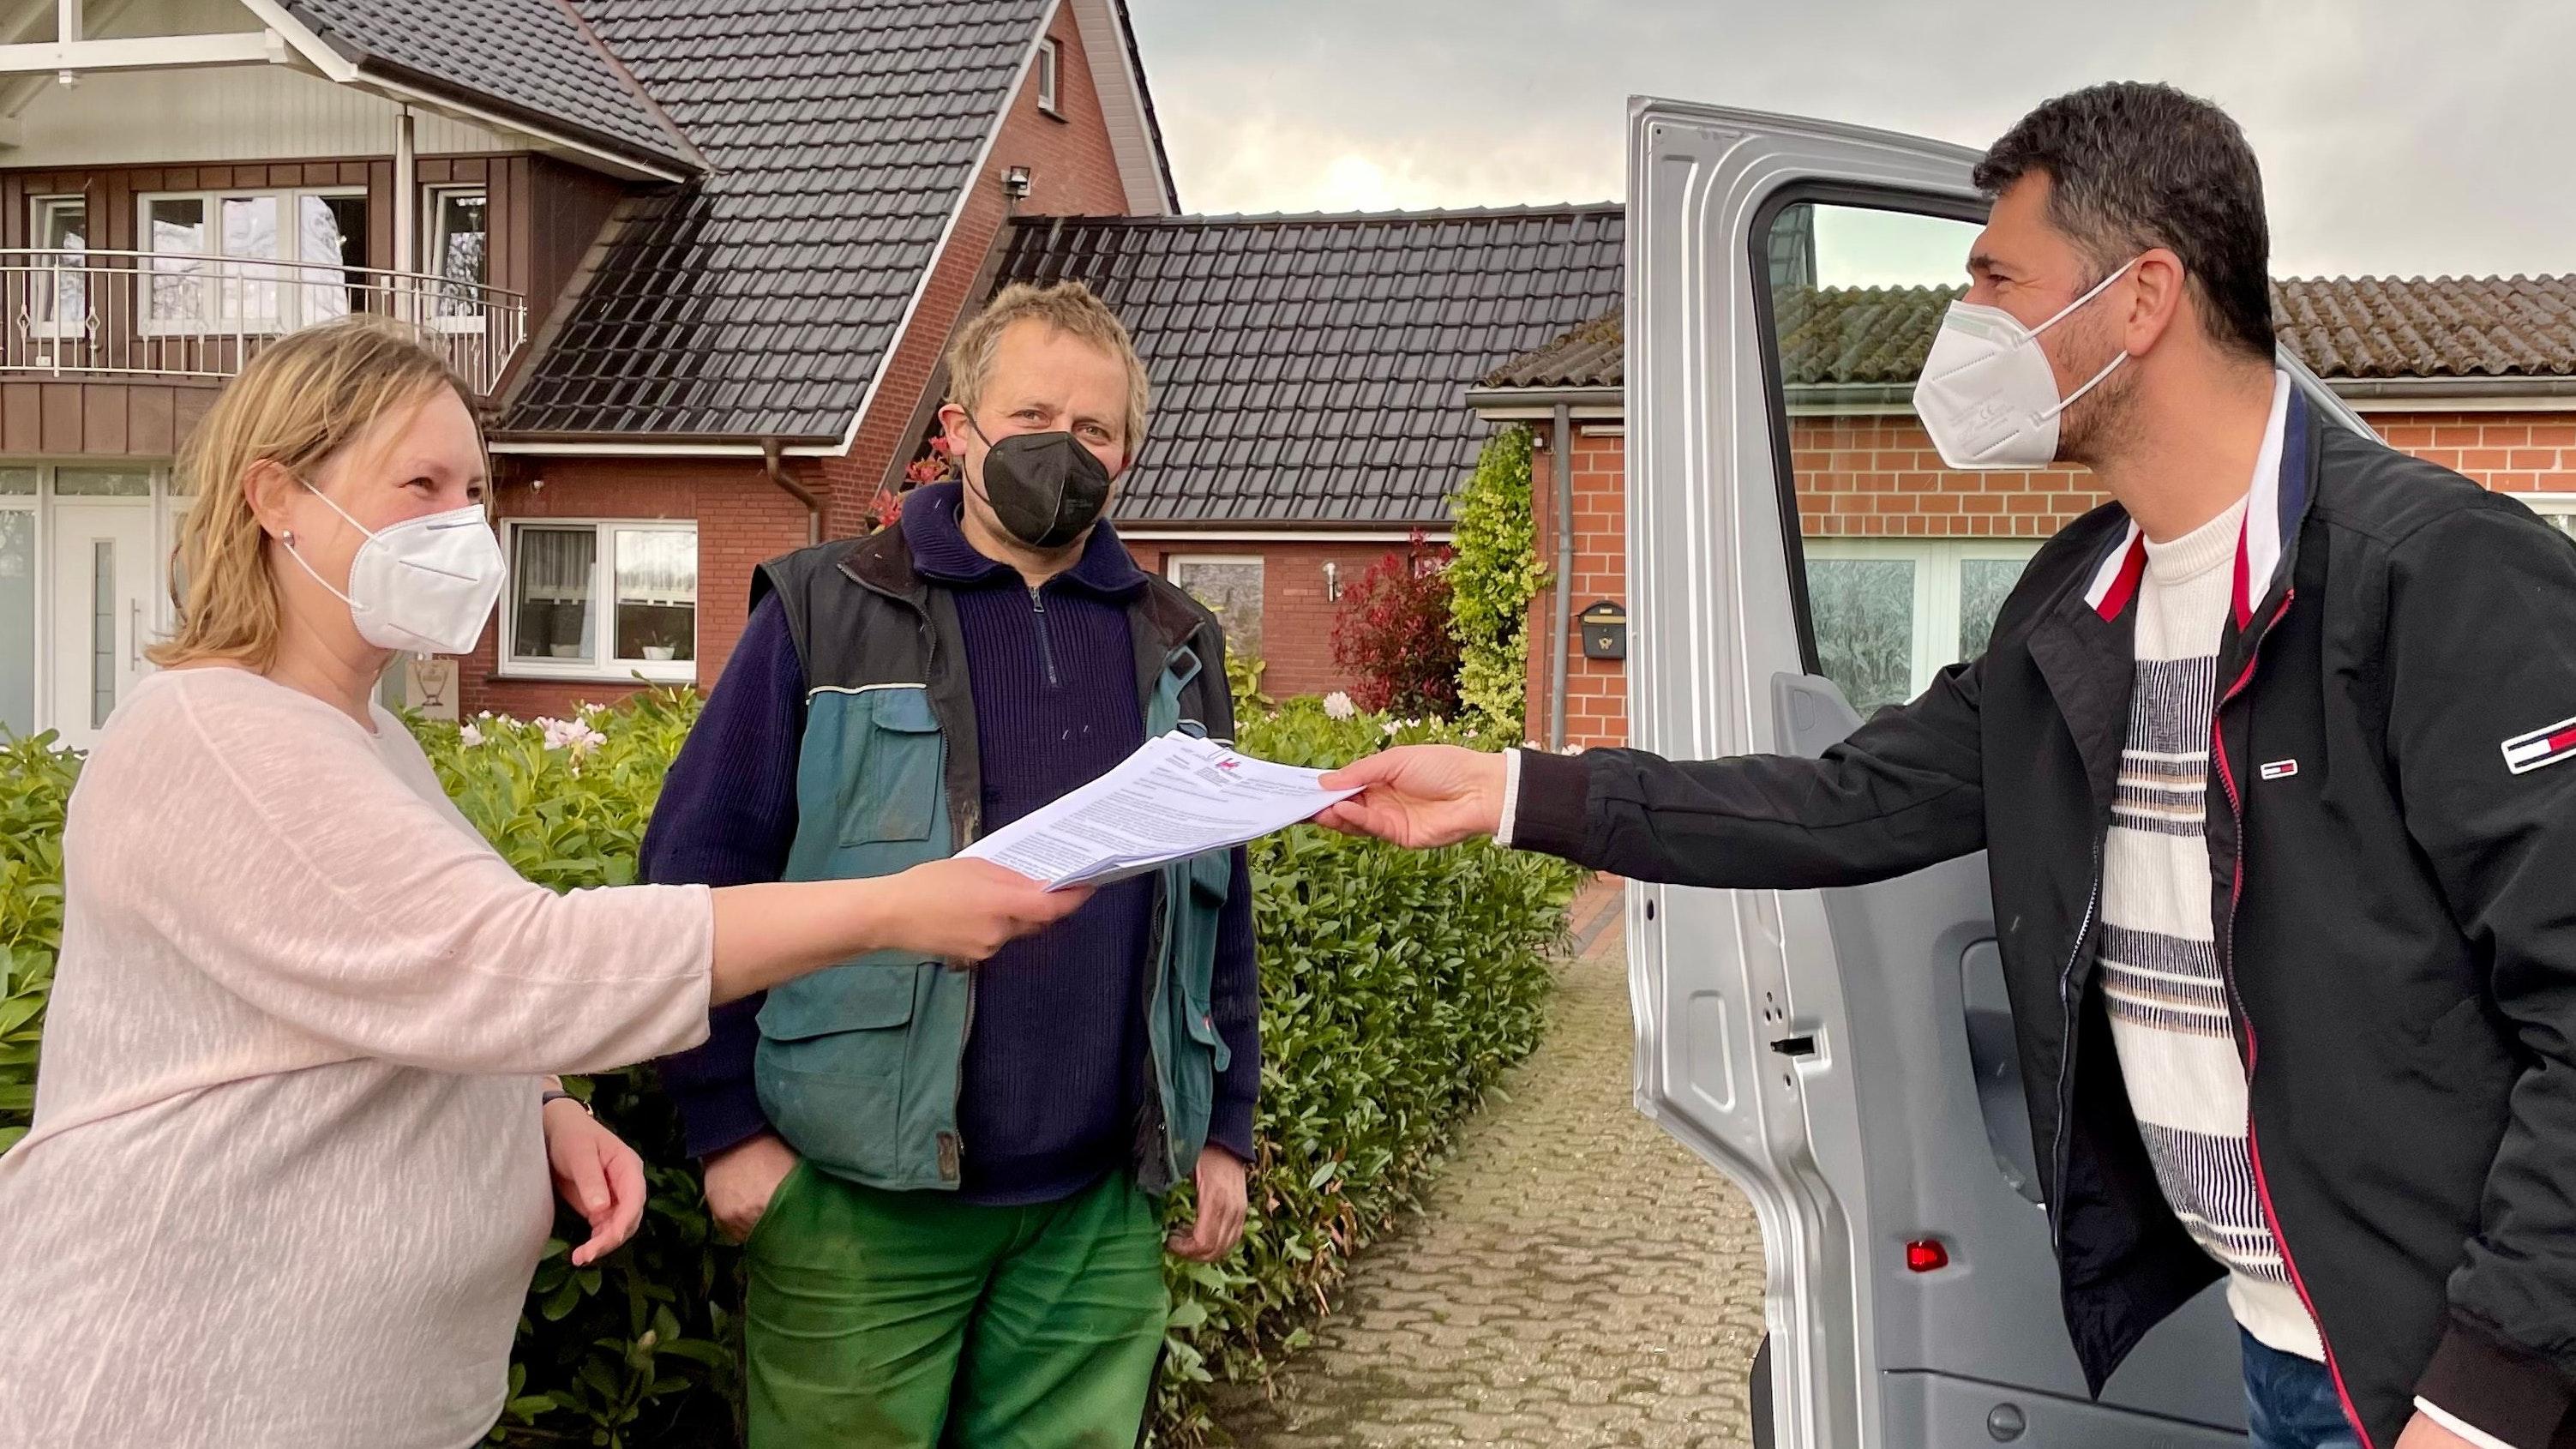 Begrüßen die Initiative der Stadt Vechta und des Landkreises: Das Ehepaar Geerken in Deindrup nimmt die Infoblätter zur Impfkampagne von Ferdi Karatas (rechts) entgegen. Foto: M. Niehues